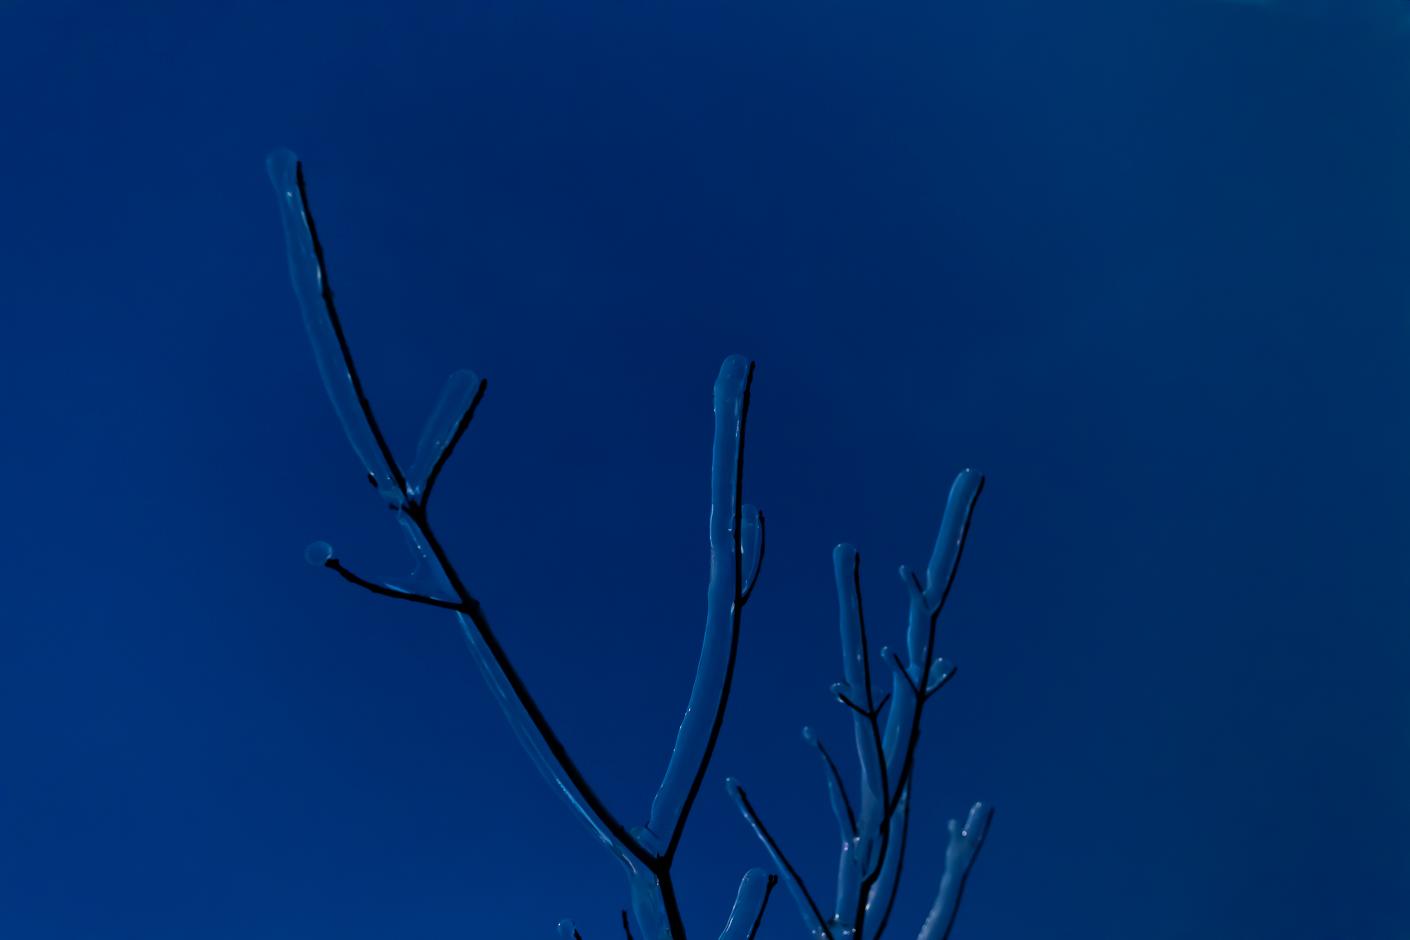 Treetop, Ice